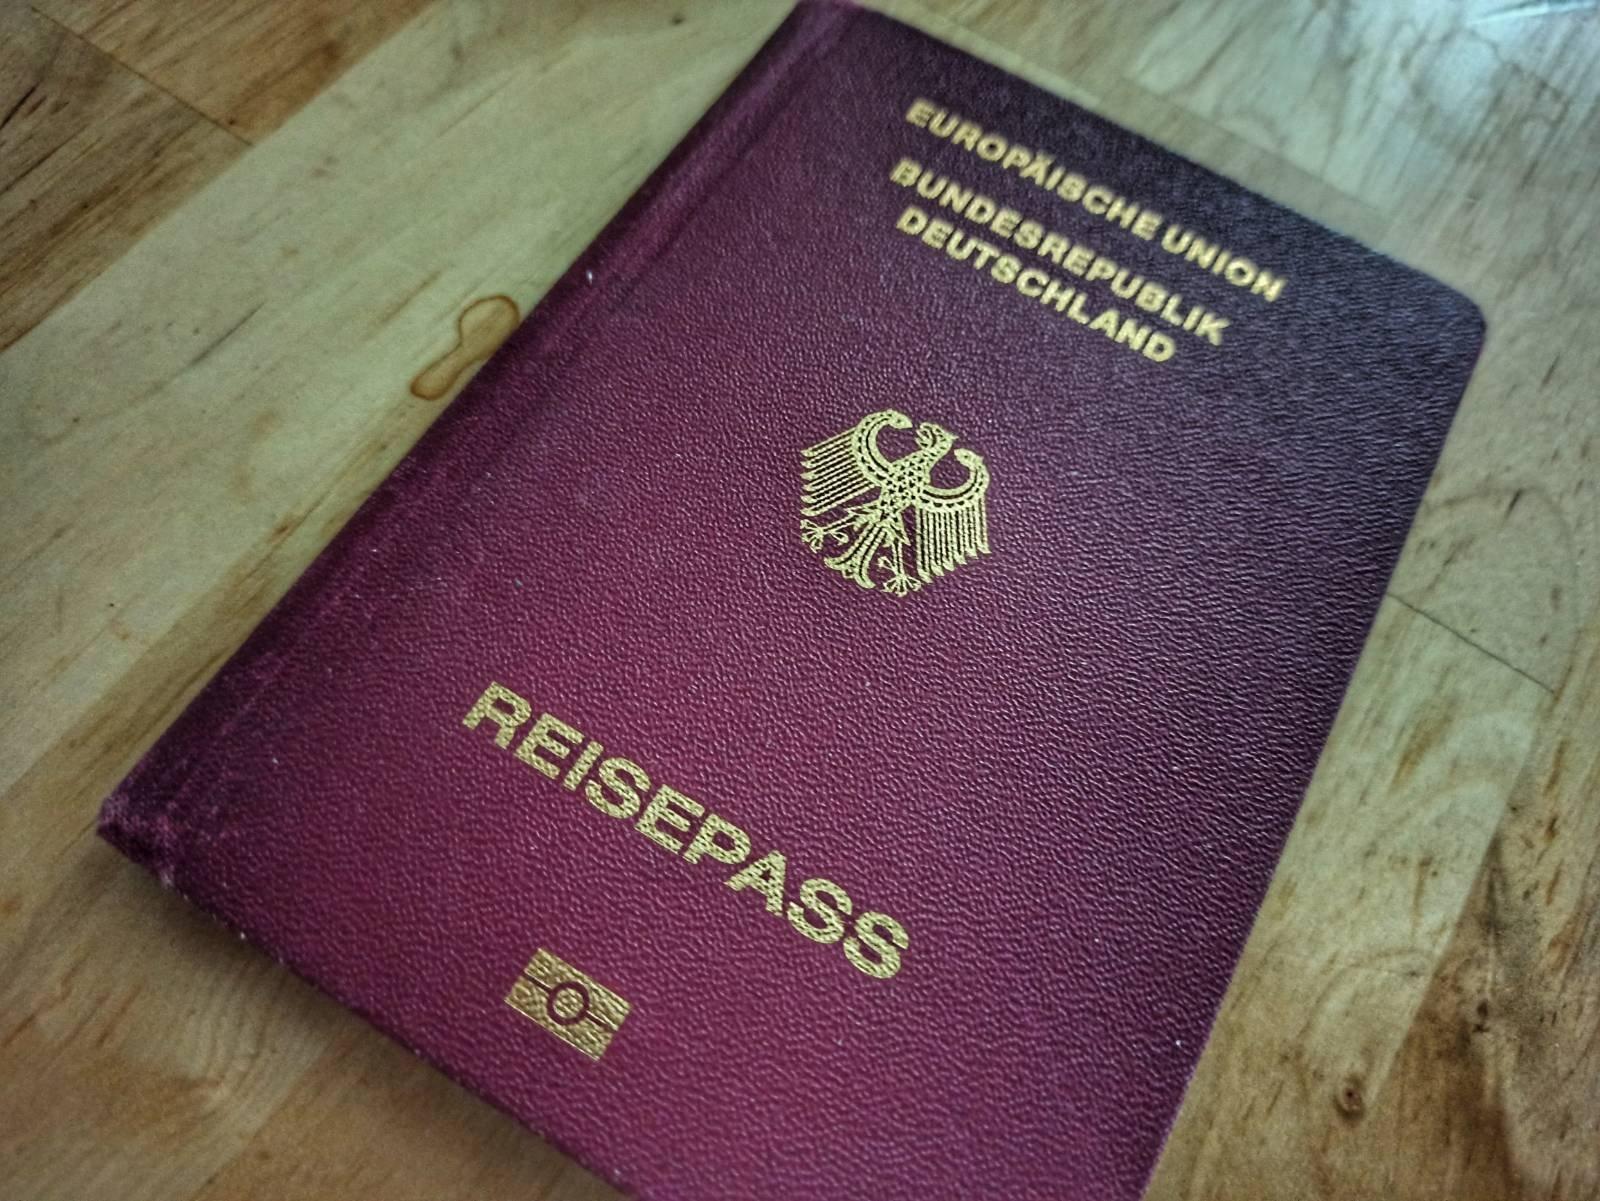 Reisepass aus Europa